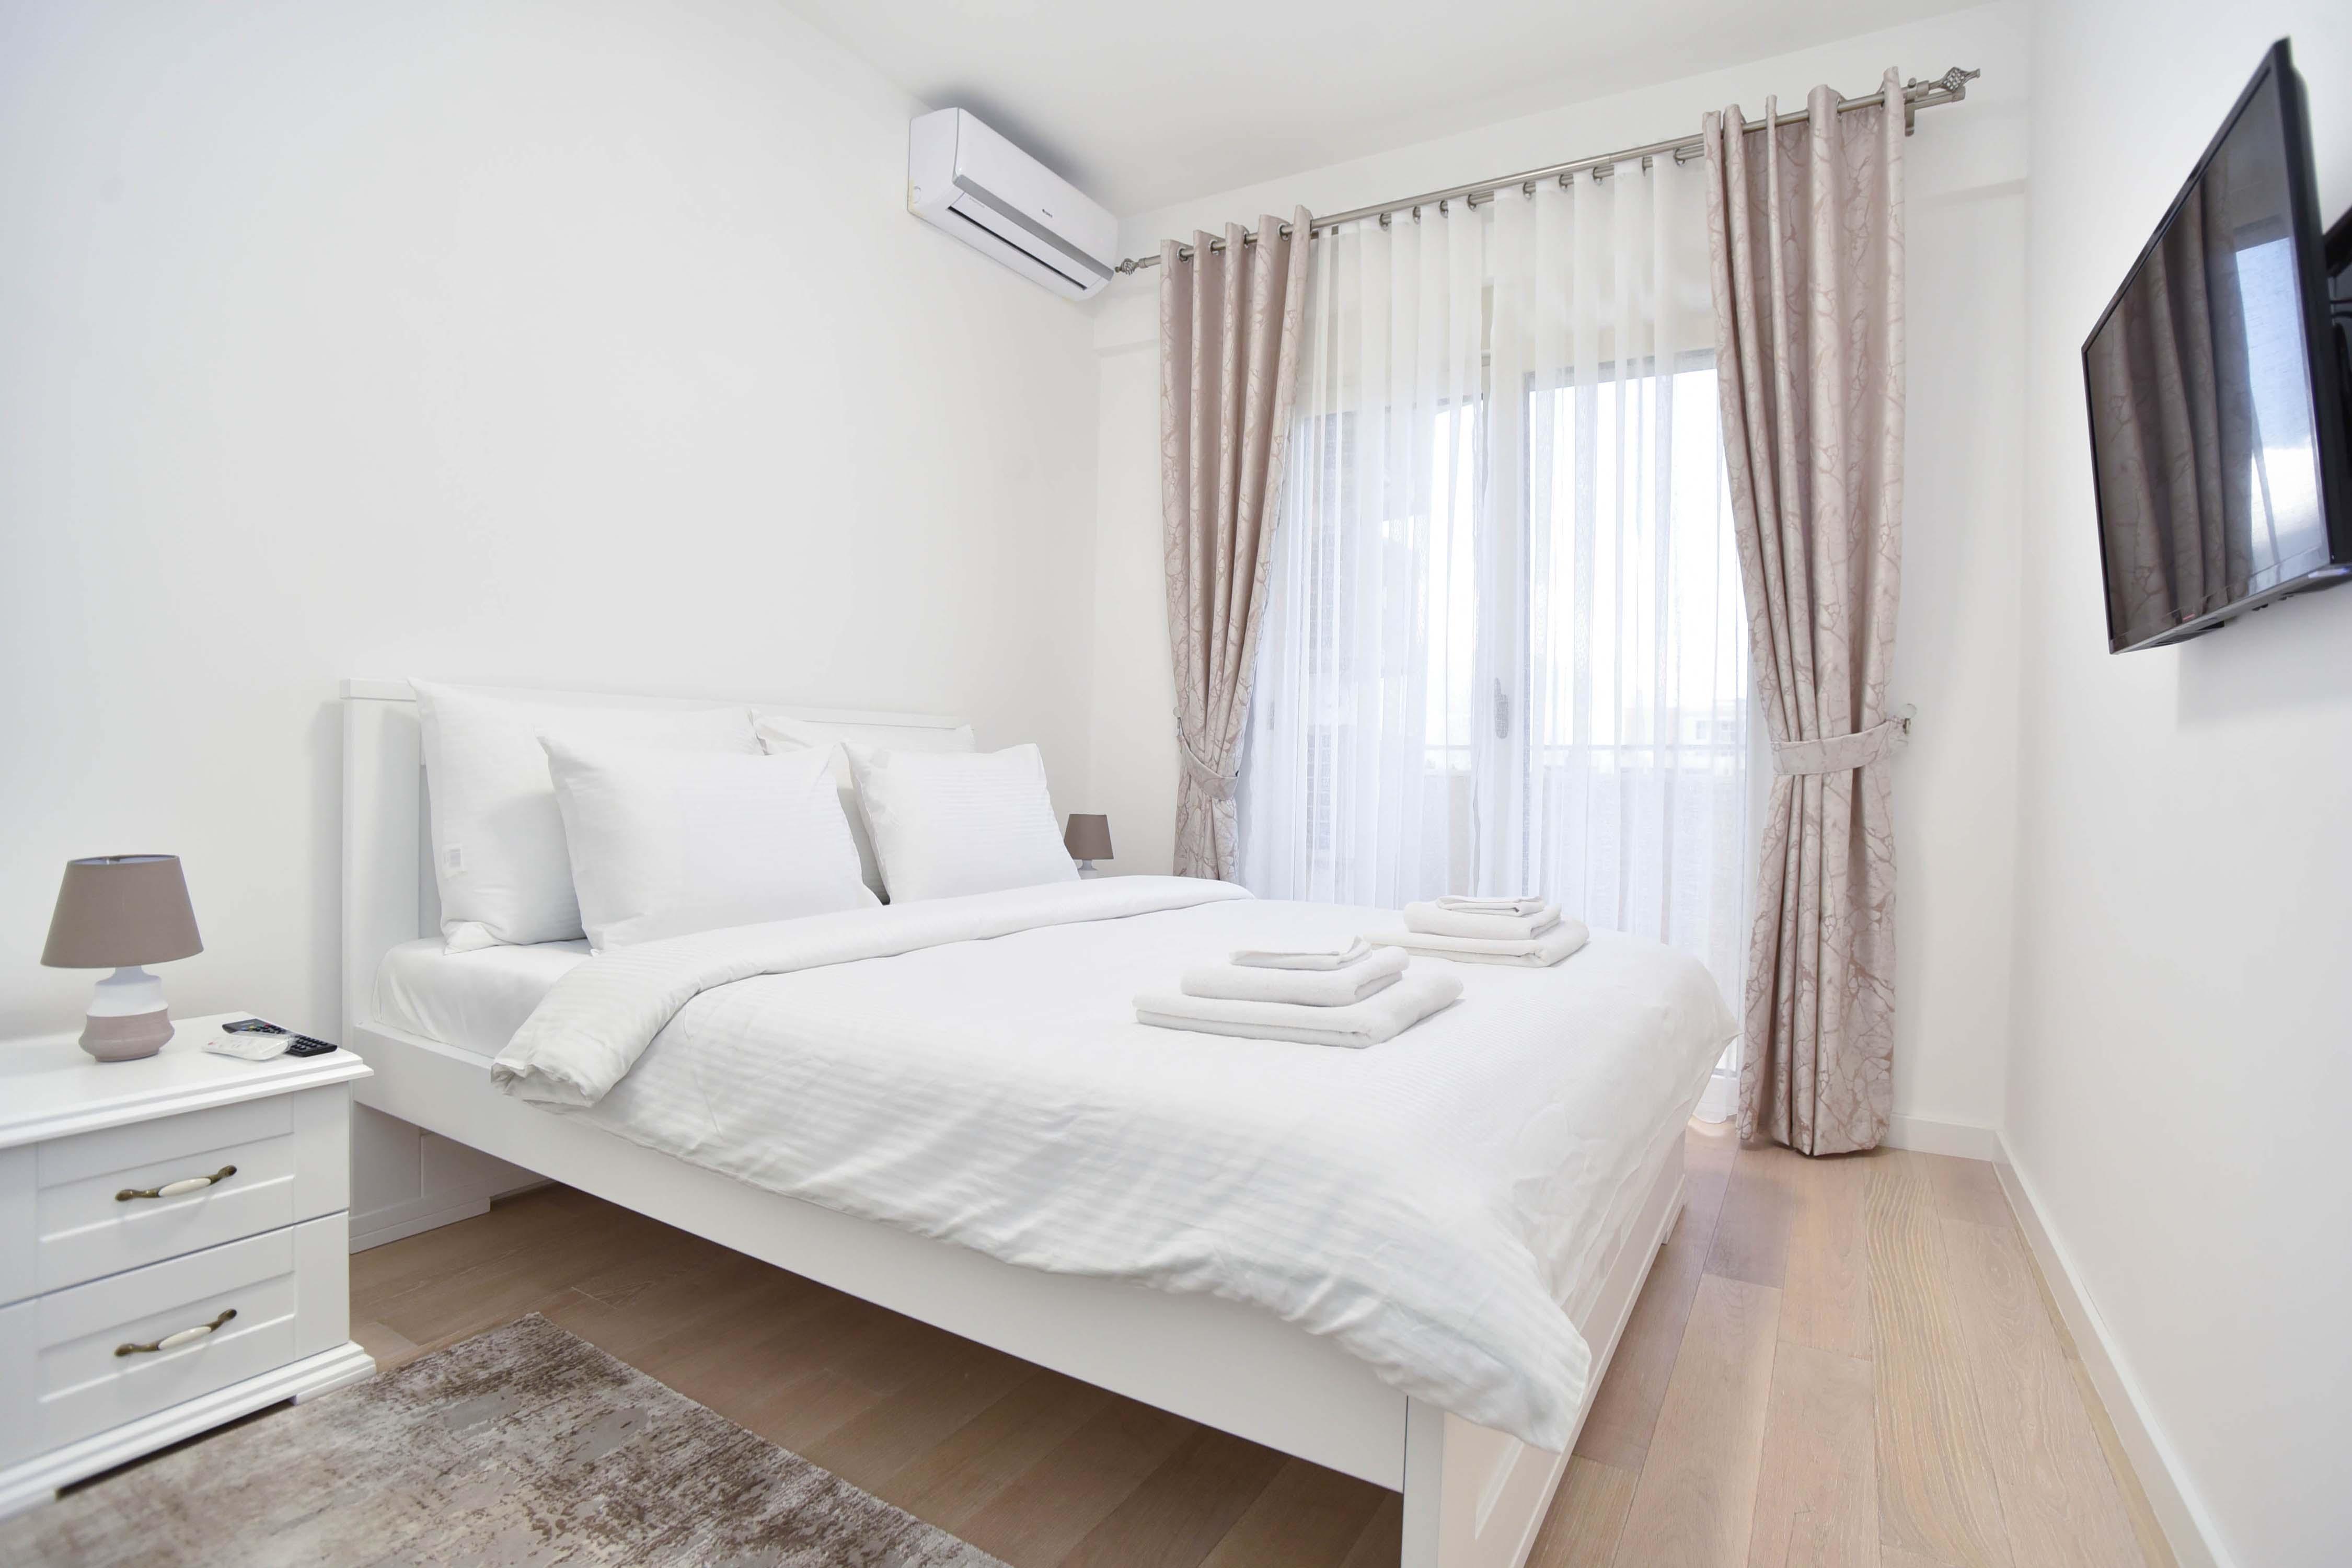 amforaproperty.com/Prelijep trosoban luksuzno opremljen stan  u Bečićima  blizu plaže. 86m2